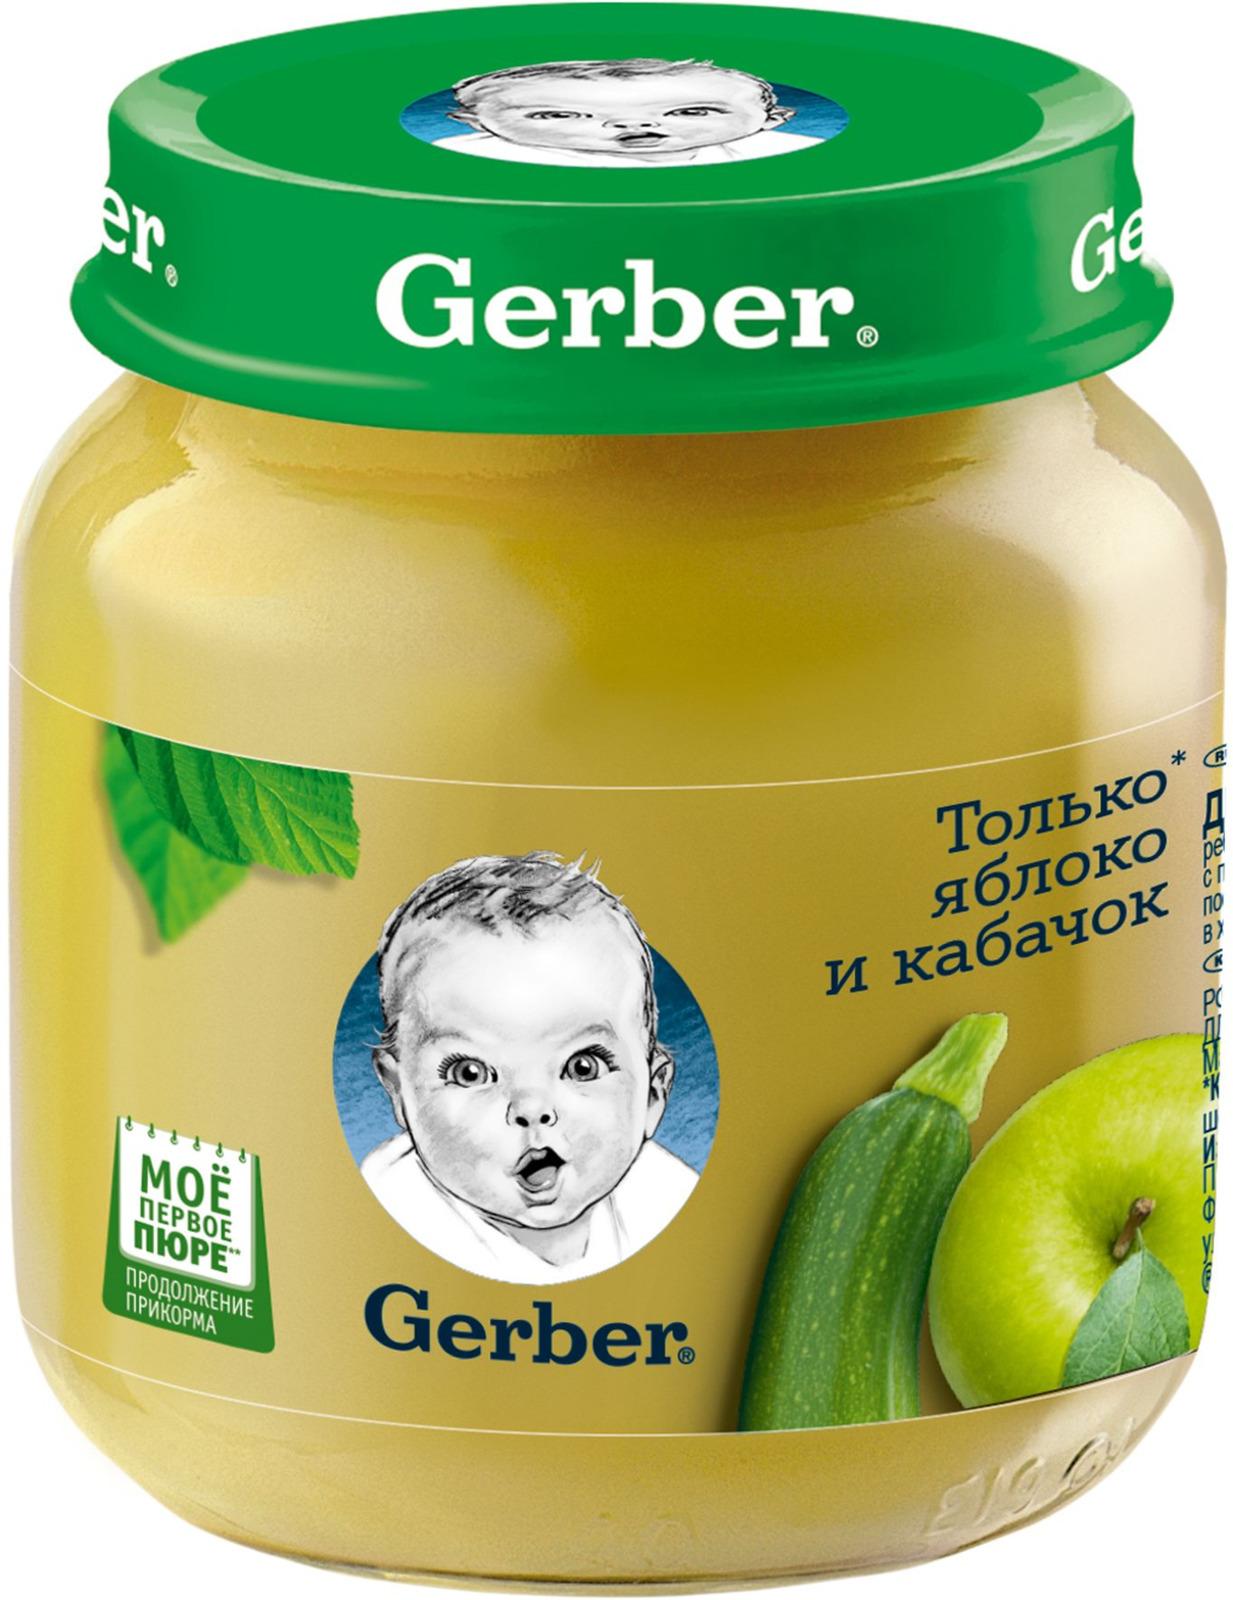 Gerber пюре яблоко, кабачок, 130 г gerber пюре картофель кабачок с 5 месяцев 12 шт по 130 г